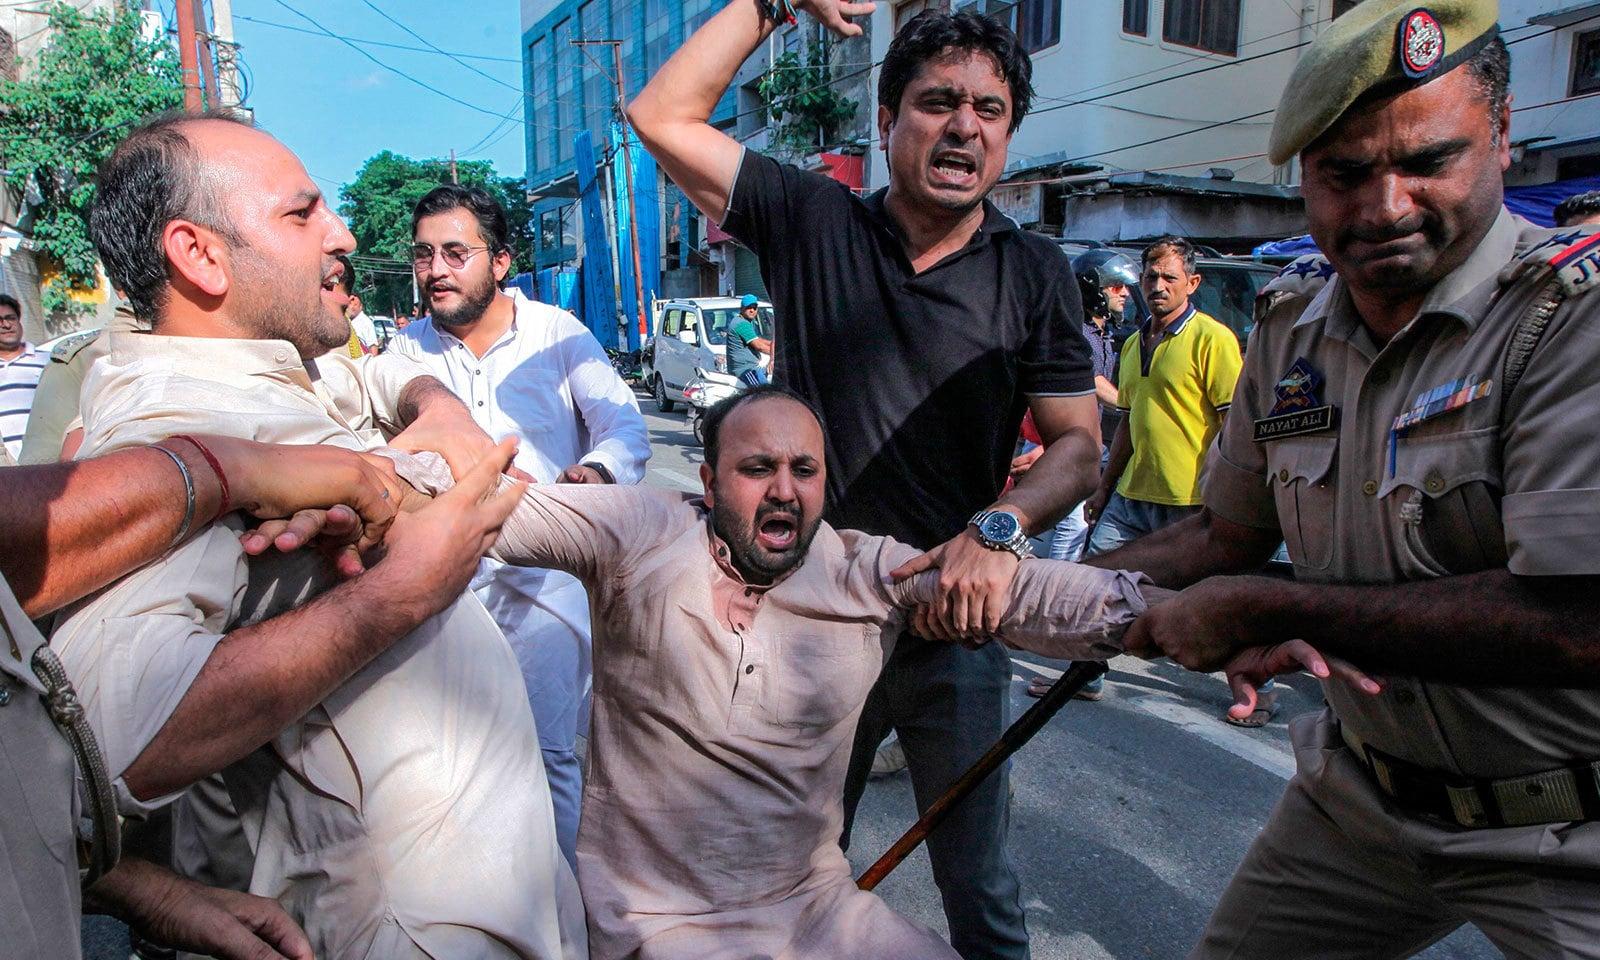 بھارتی فوج اور پولیس نے کئی مظاہرین کو گرفتار کیا—فوٹو:اے ایف پی